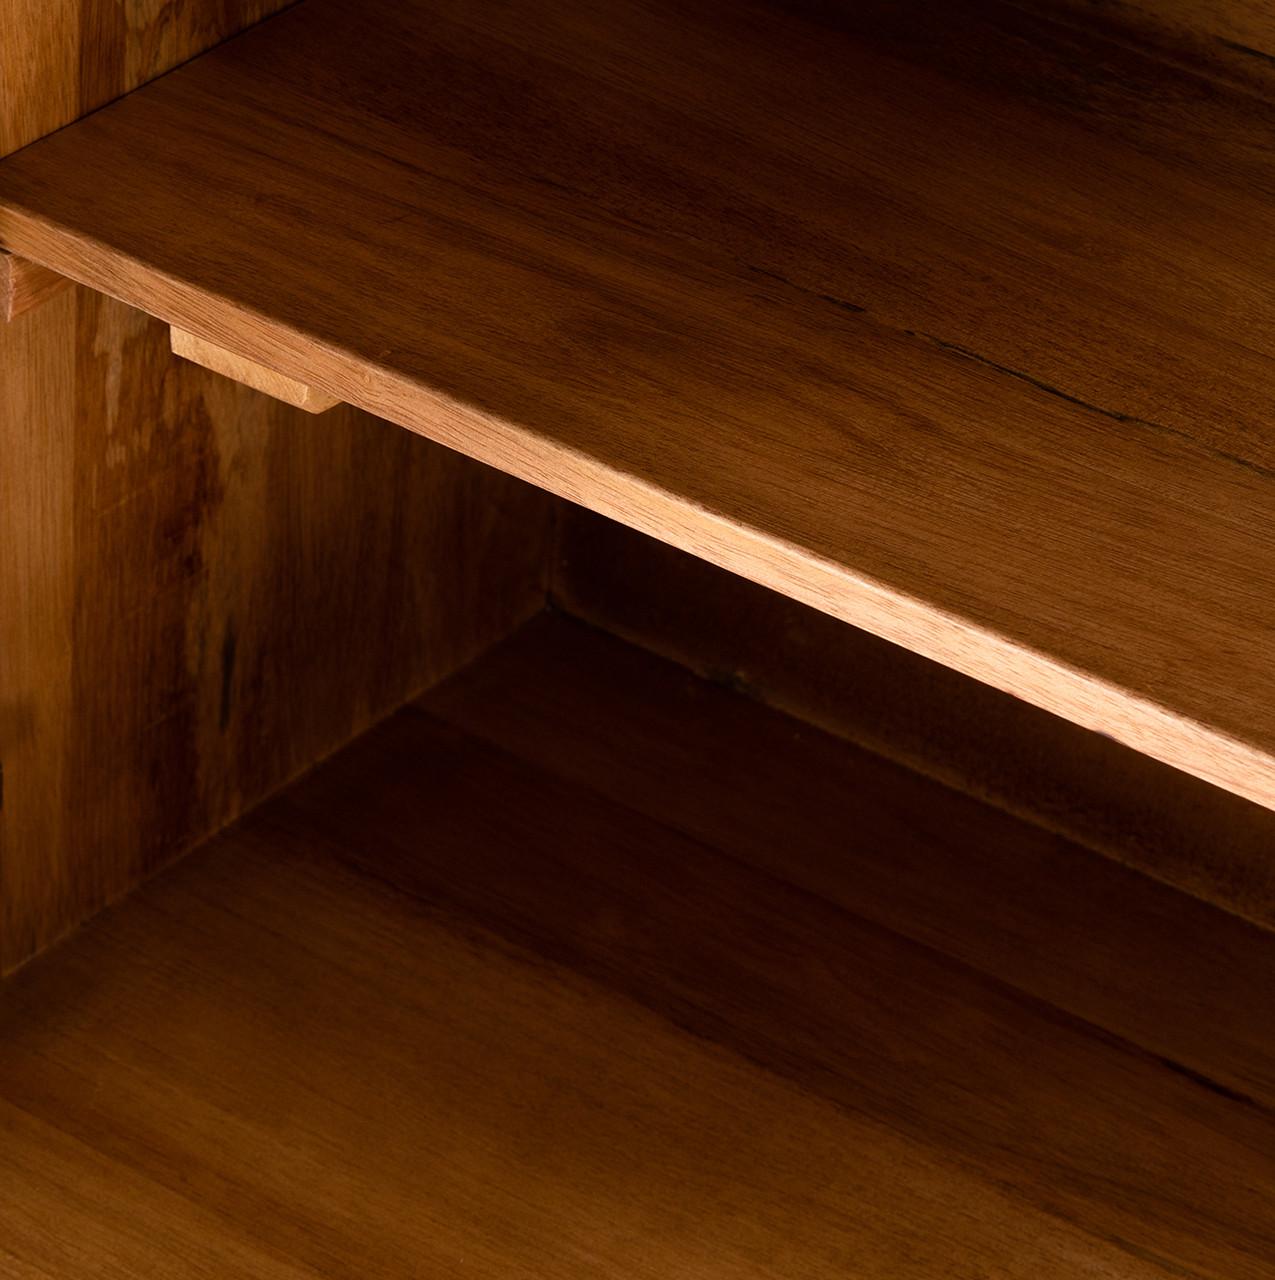 Reza Sideboard - Smoked Honey